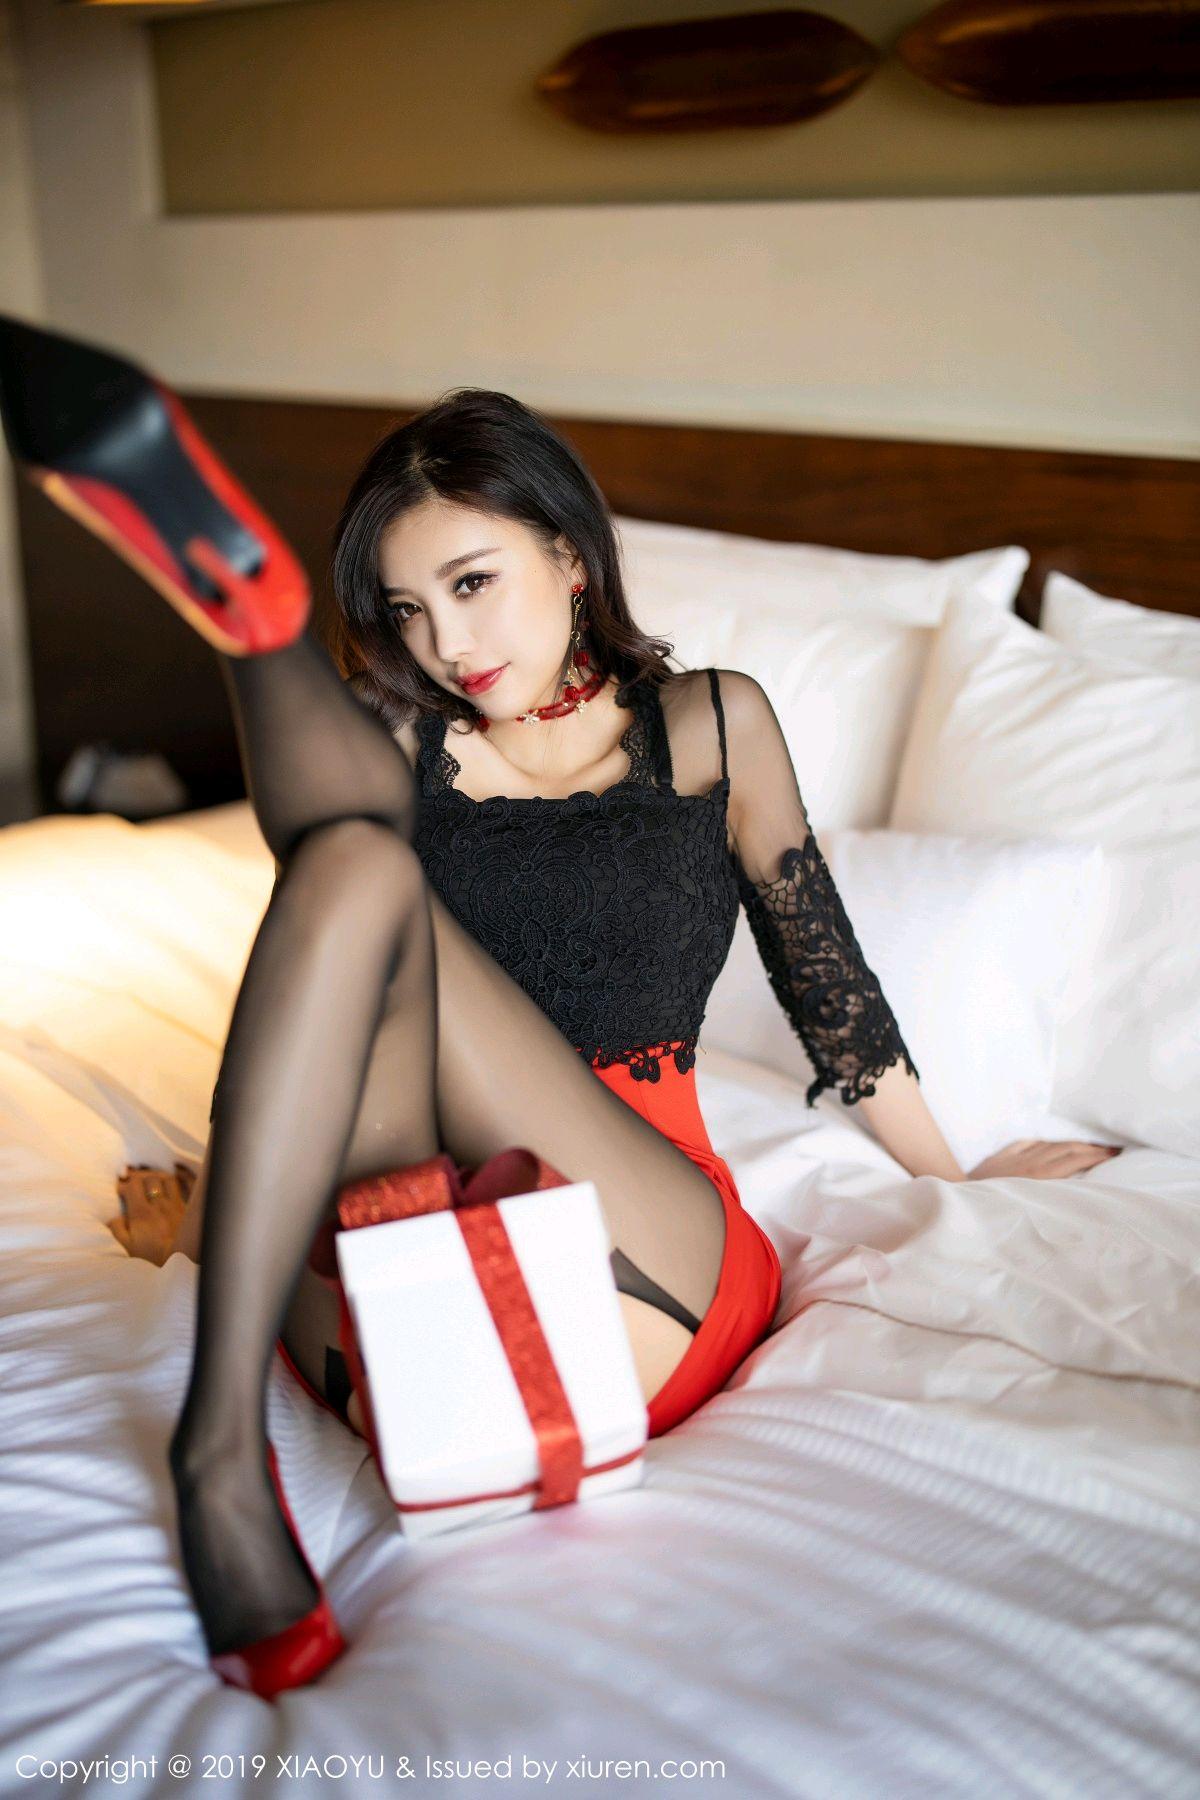 [XiaoYu] Vol.225 Yang Chen Chen 52P, Christmas, Underwear, XiaoYu, Yang Chen Chen